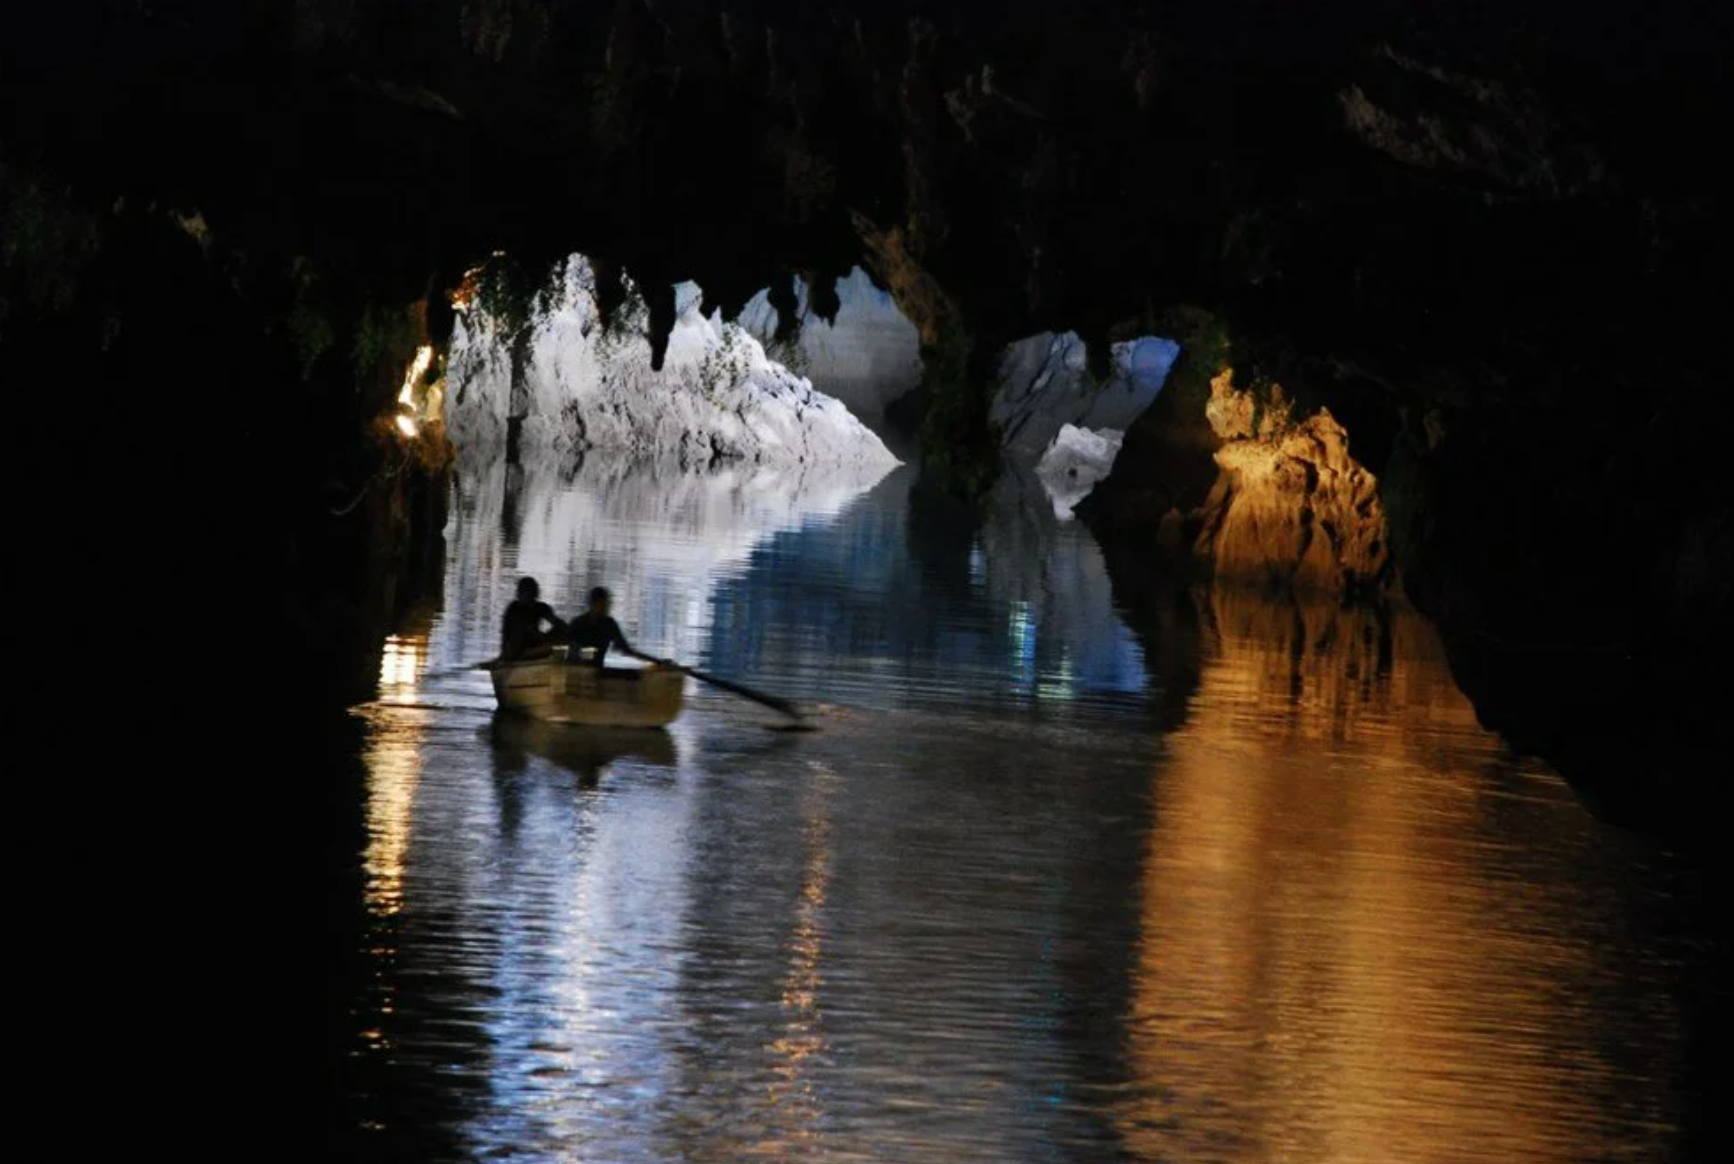 Mağara son 5 yılda Antalya turizminin en ilgi çekici merkezlerinden biri haline geldi. Gezi botları ile mağaranın muhteşem doğa güzelliklerini keşfe çıkan ziyaretçileri, özellikle beyaz travertenler, sarkıtlar ve dikitler hayran bırakıyor.